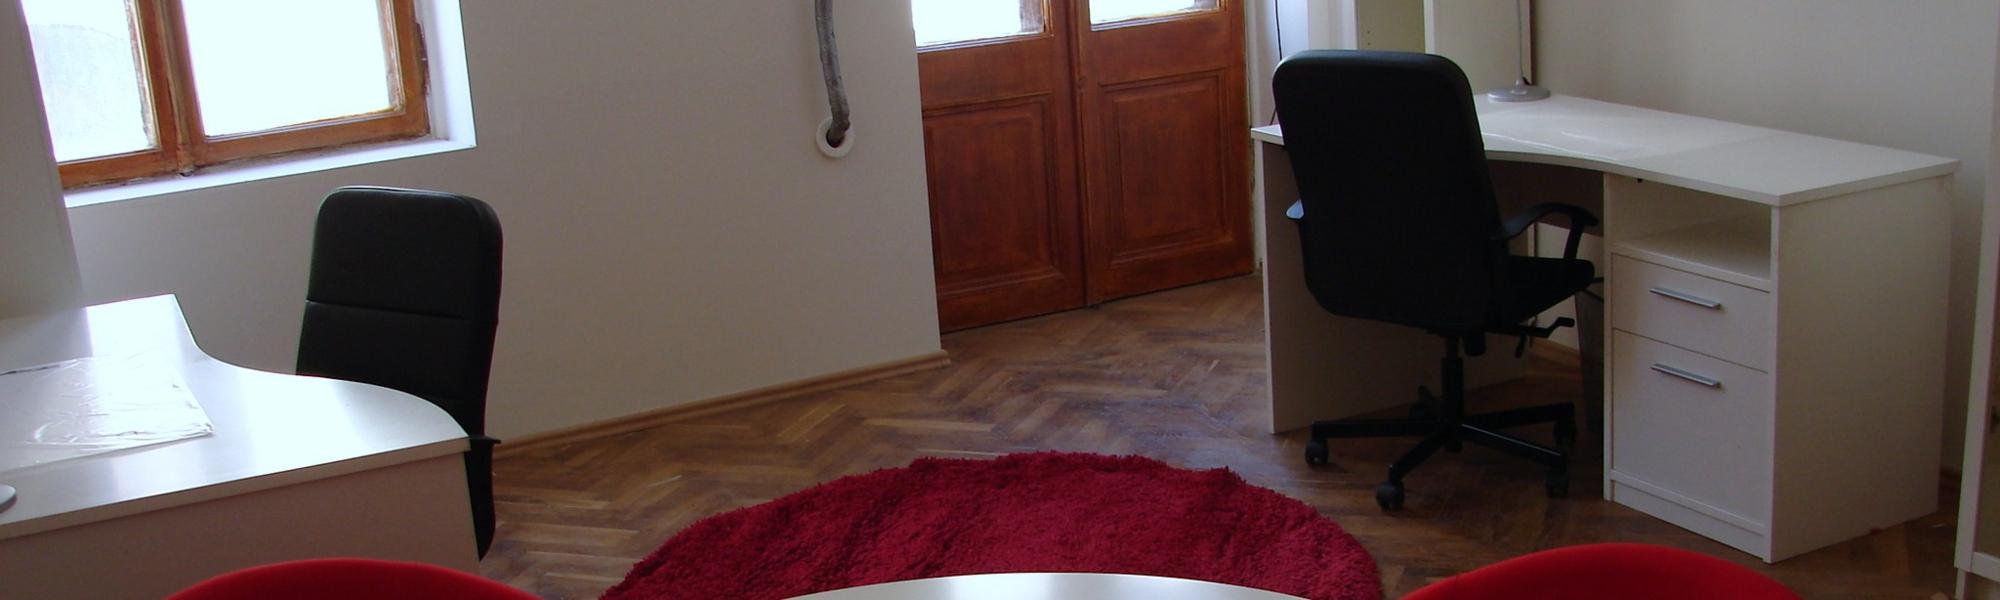 Nos centres d'affaires Roumanie grande pièce 2